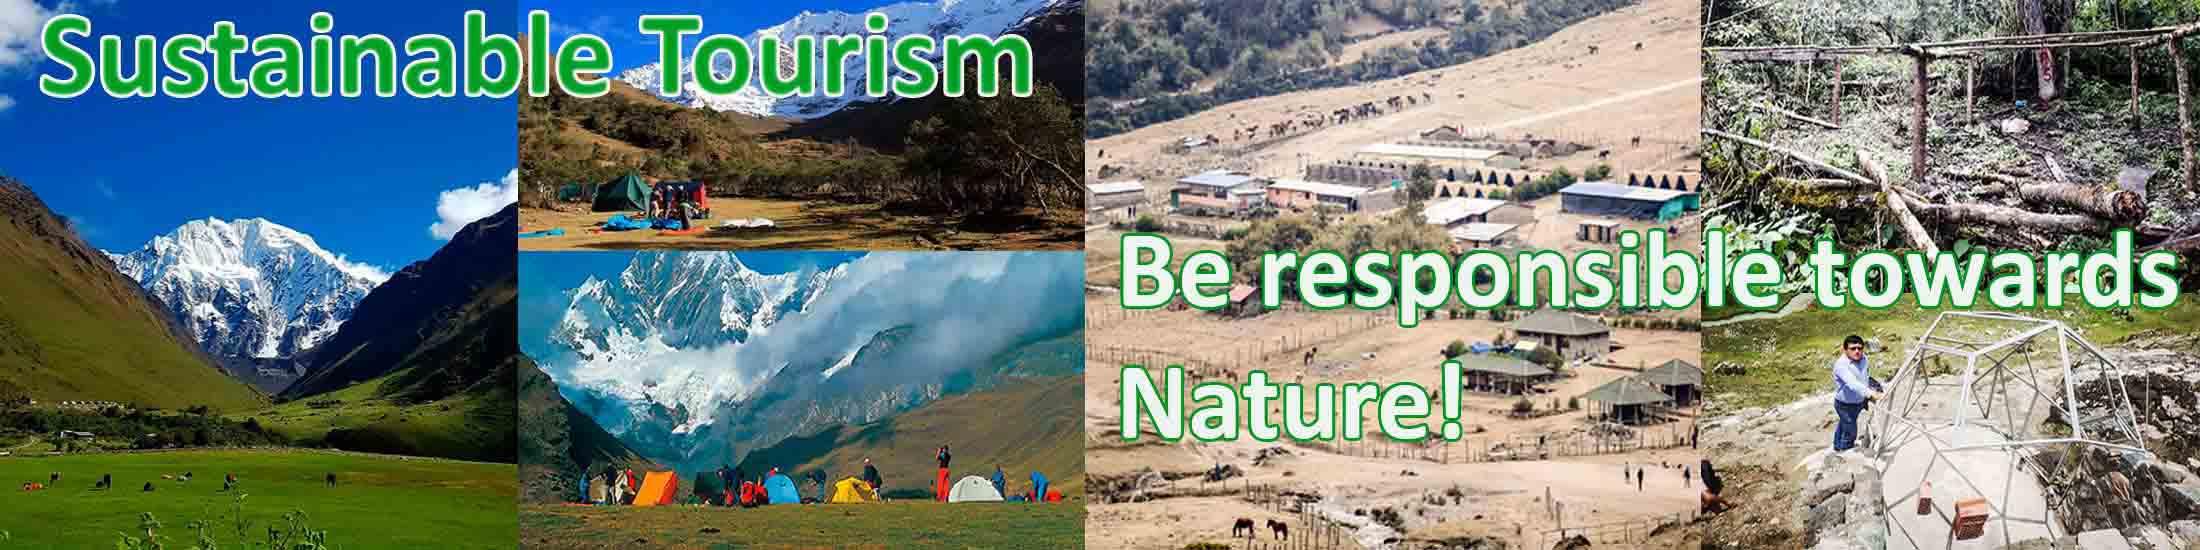 Resonsible Travel Salkantay Trek